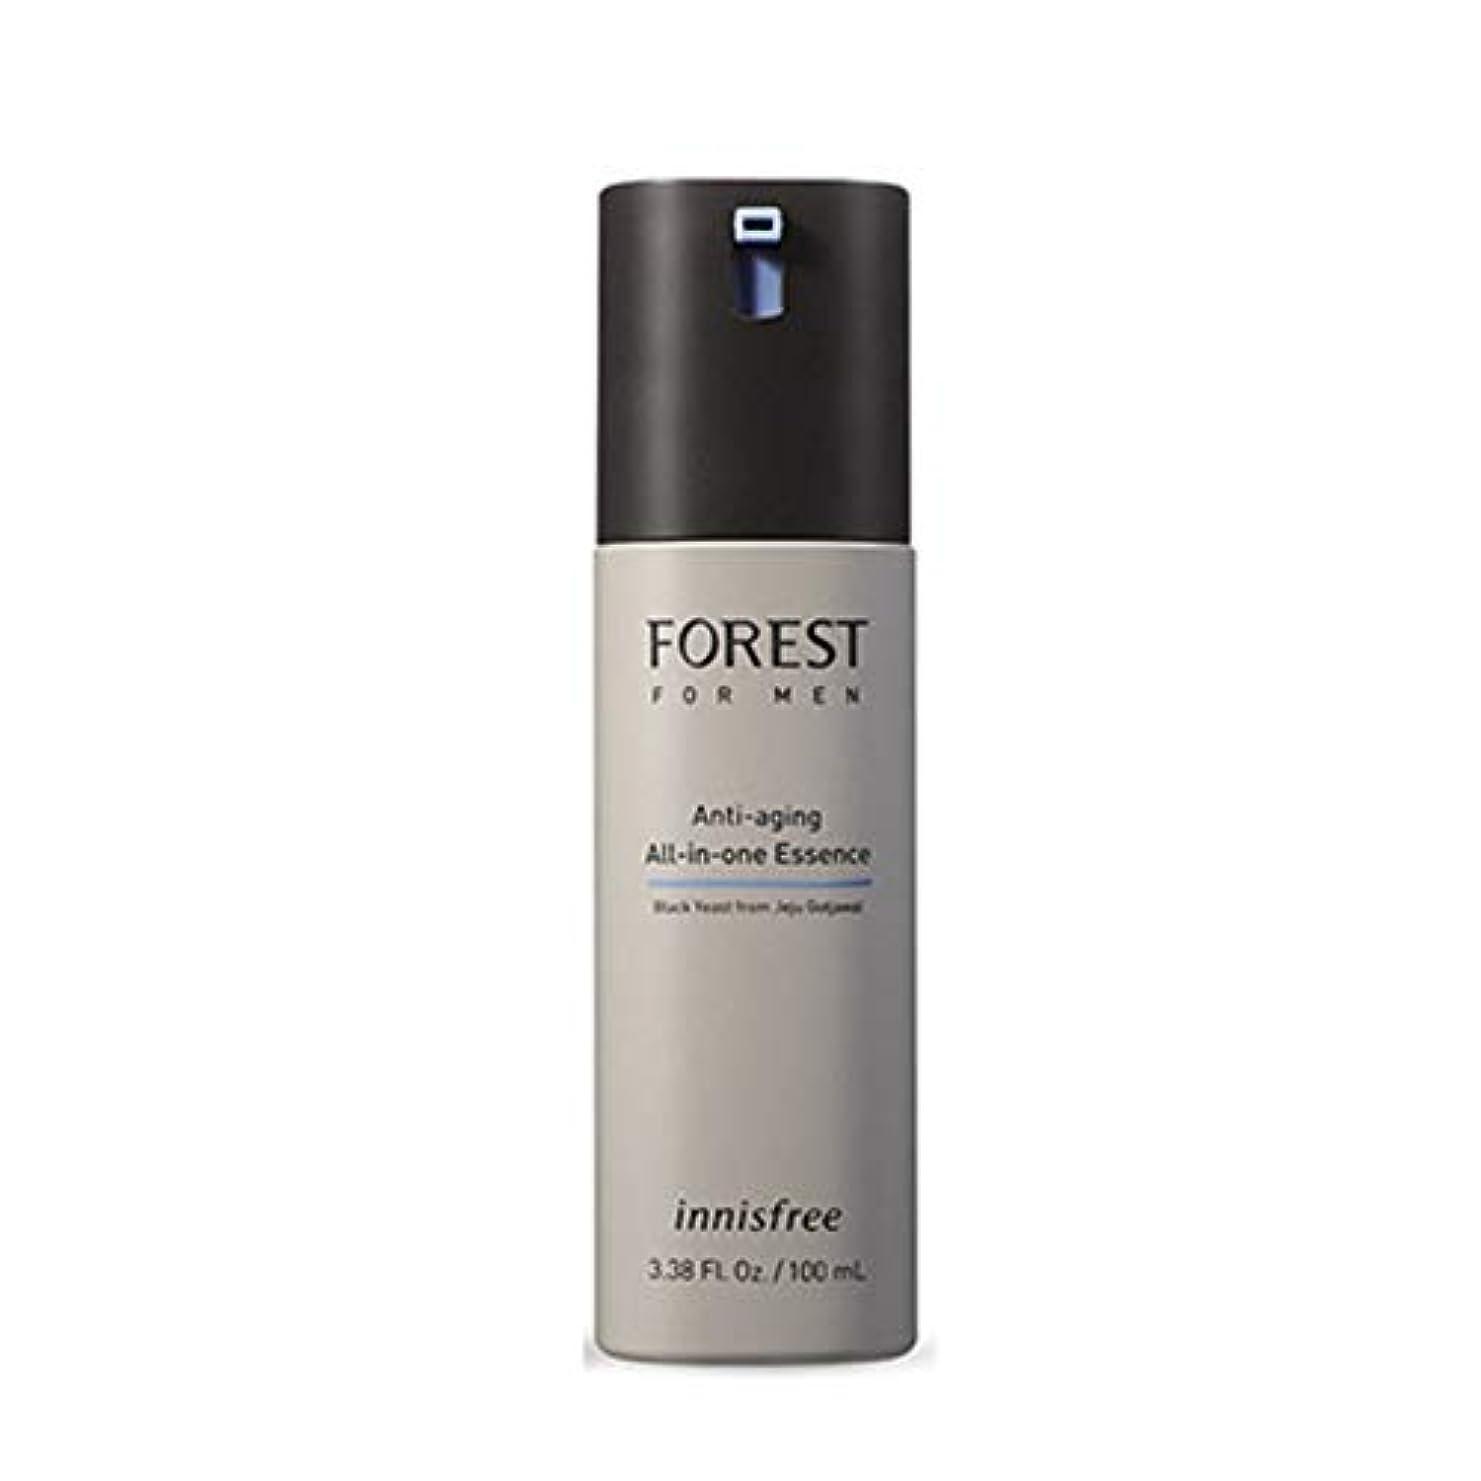 ガードフェリーガードイニスフリーフォレストフォーメンオールインワンエッセンス100ml 4タイプメンズコスメ韓国コスメ、innisfree Forest for Men All-in-one Essence 100ml 4 Types Korean...